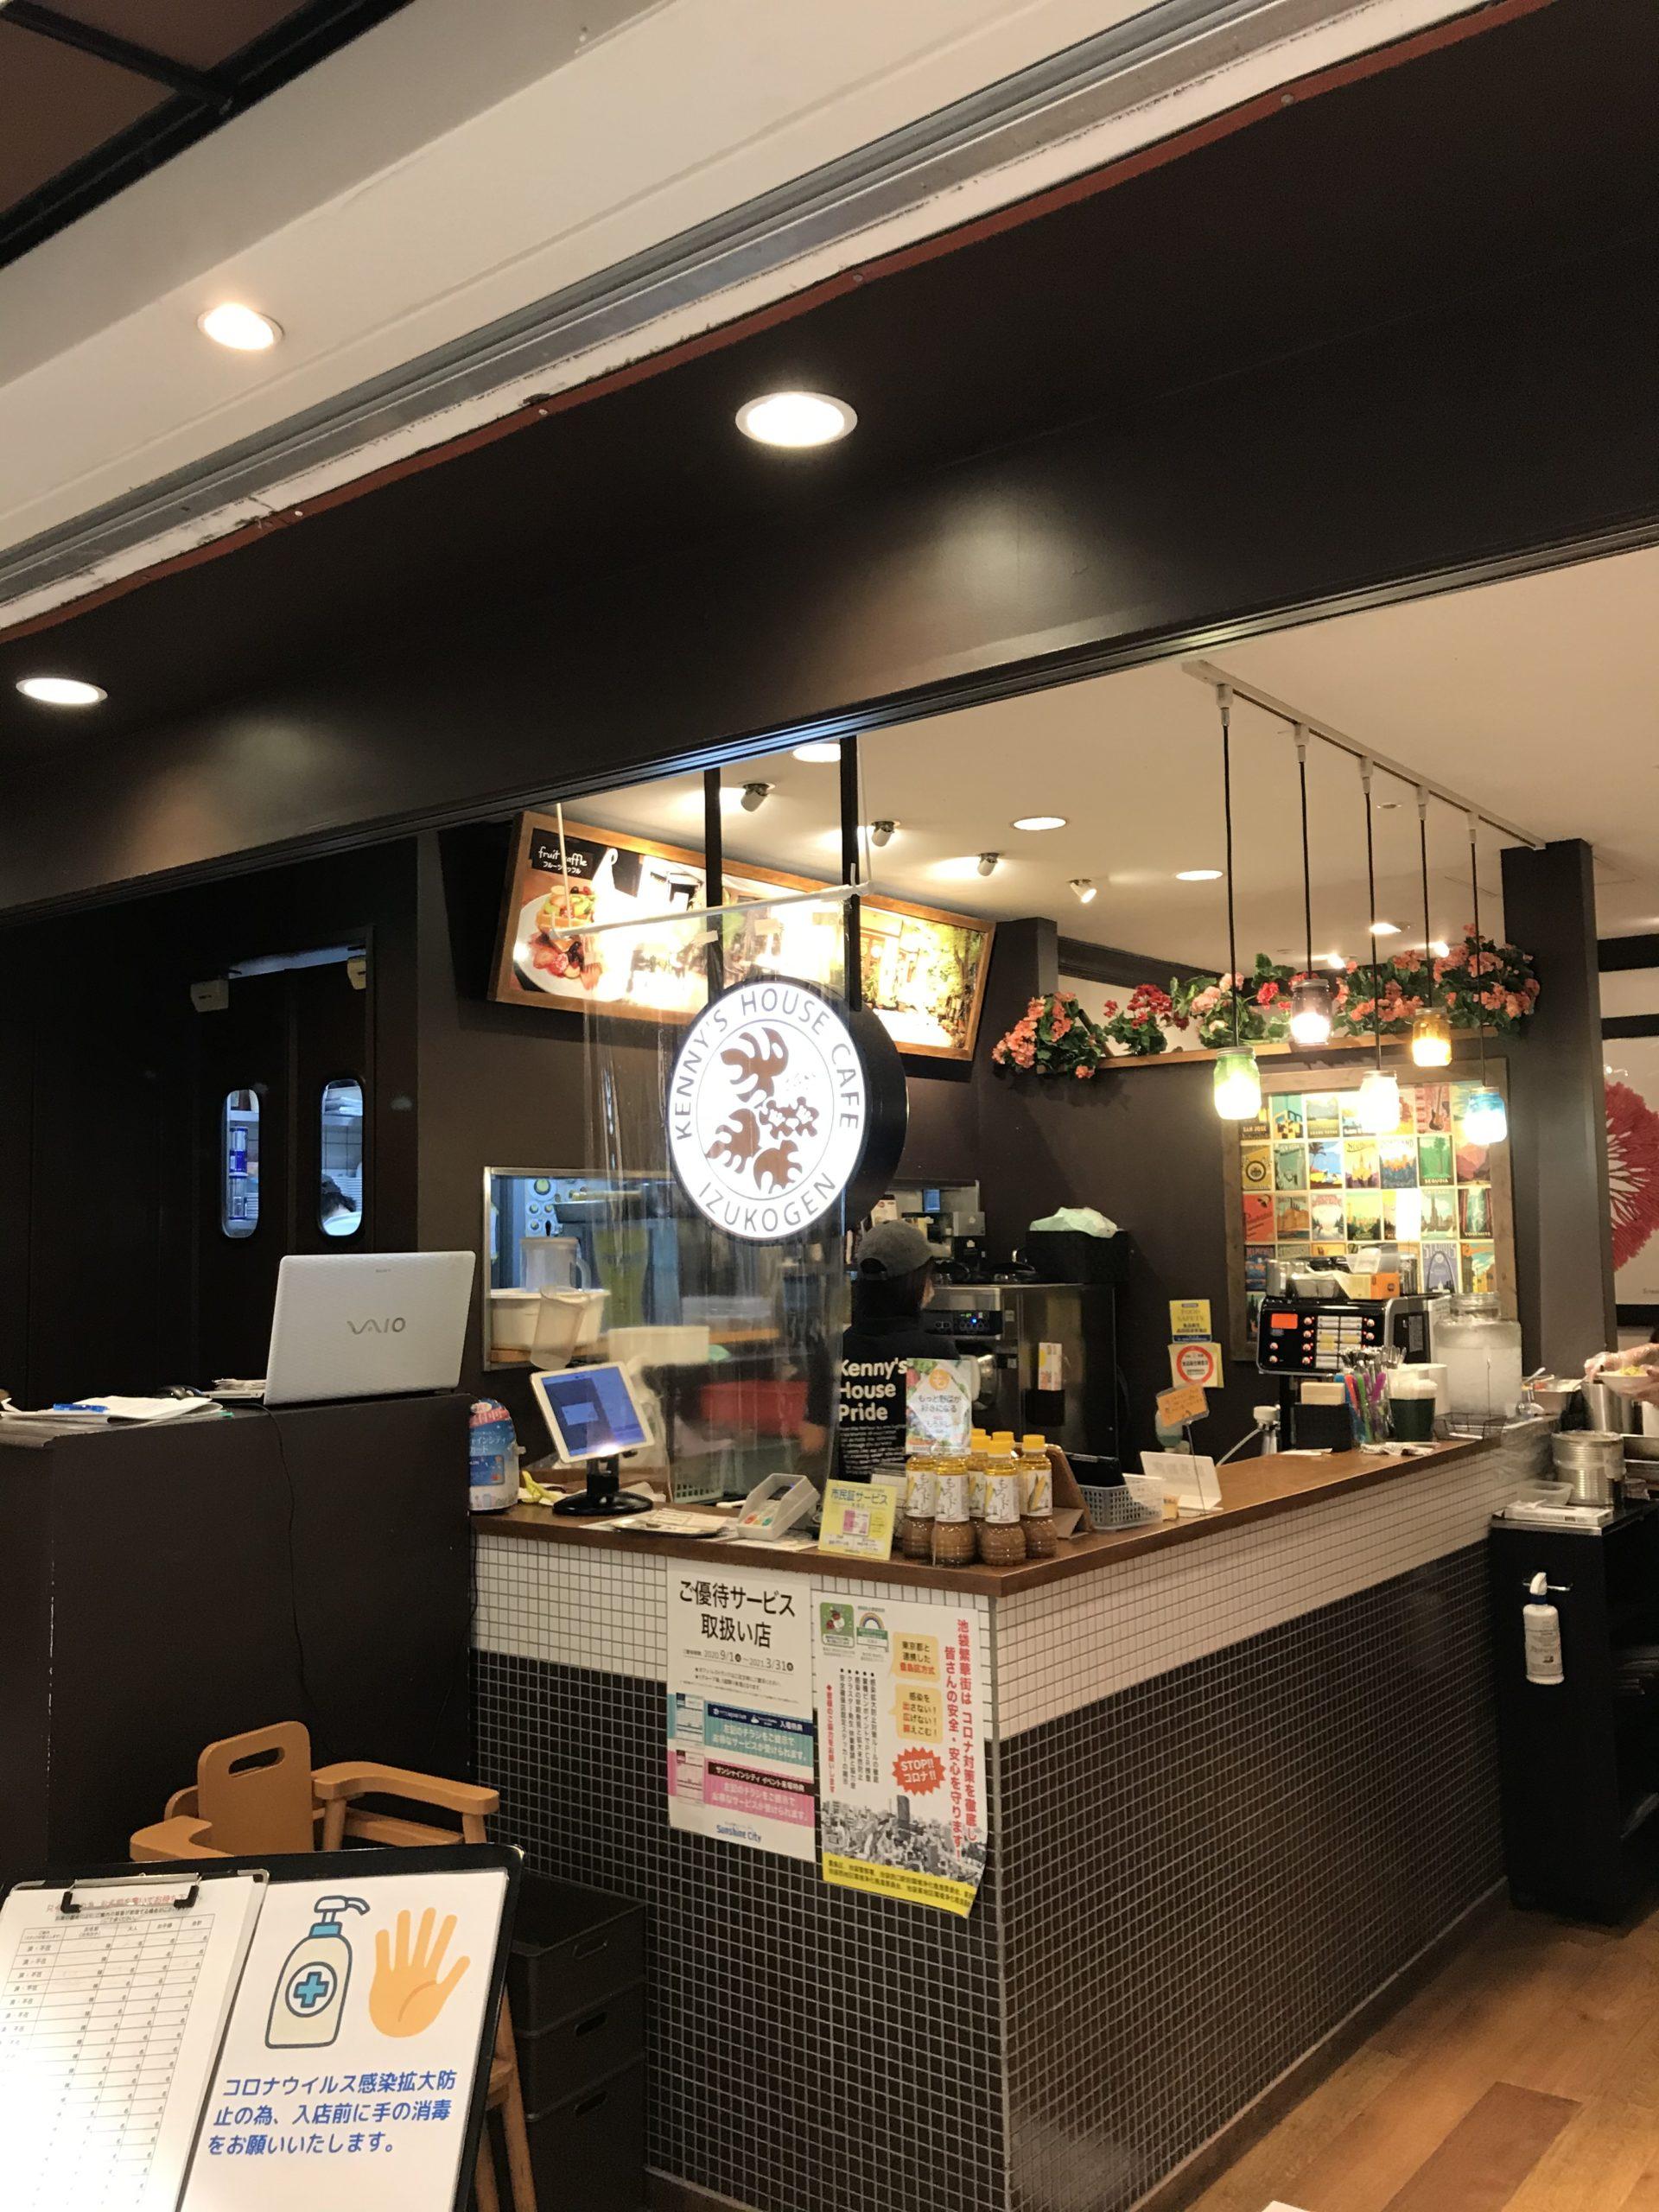 ケニーズカフェ